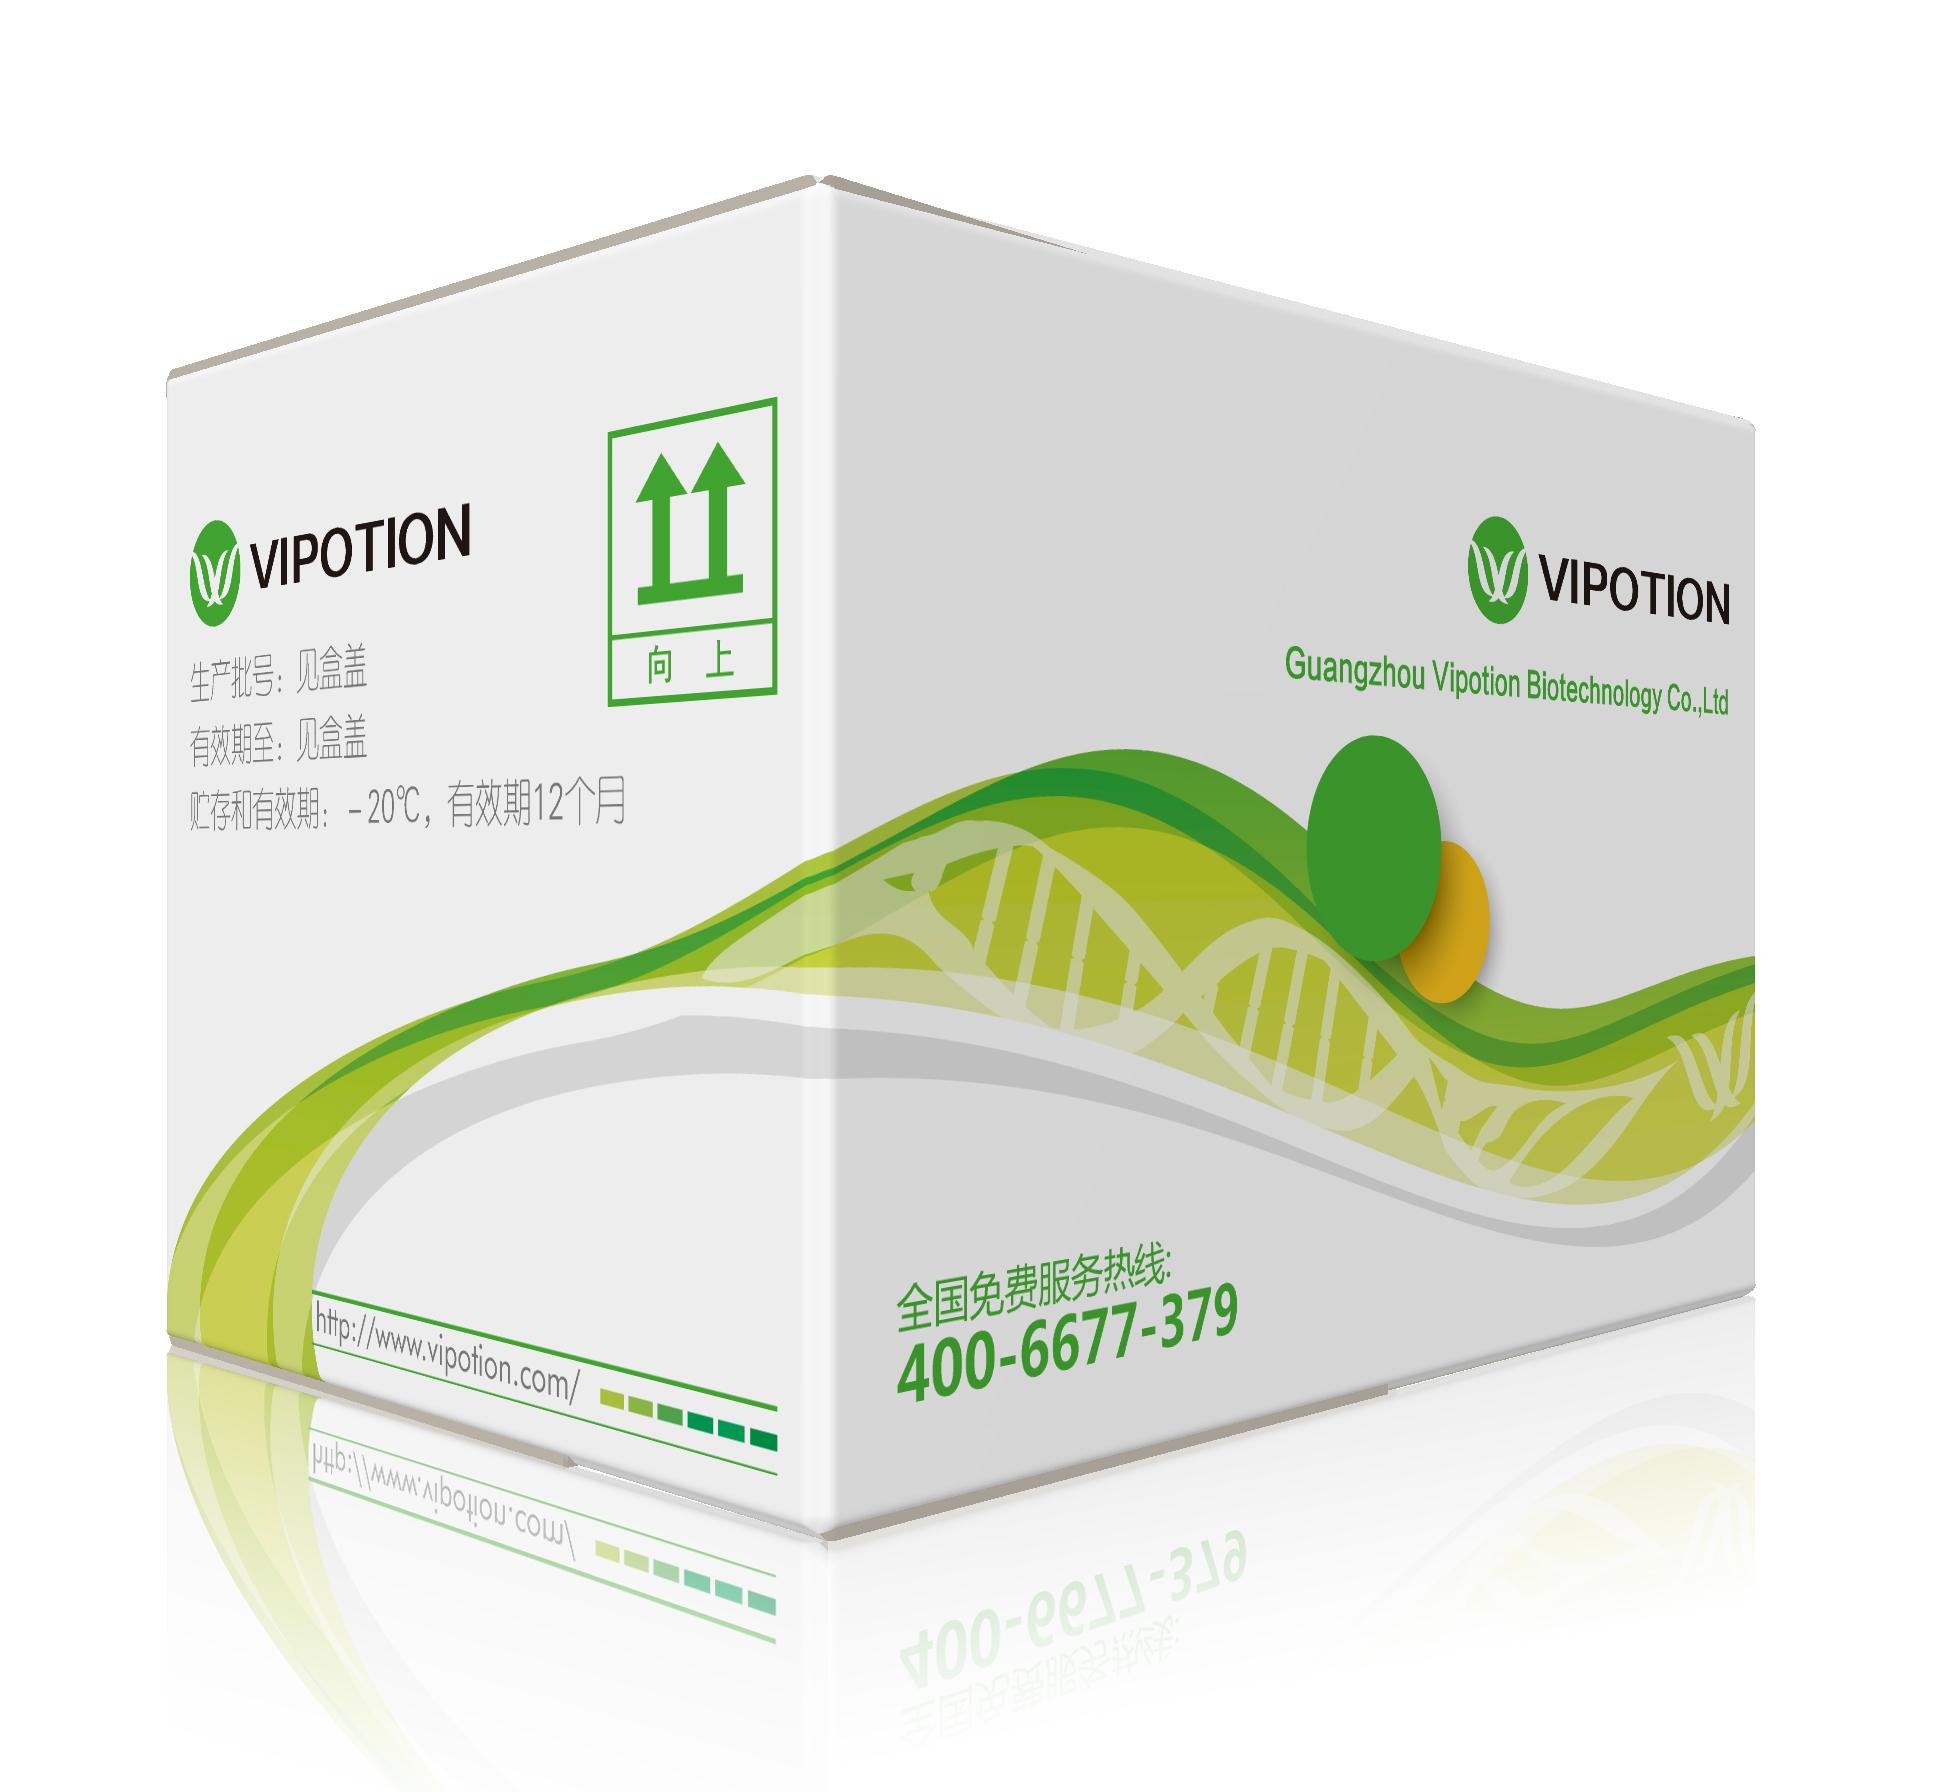 狂犬病毒(RV)核酸检测试剂盒(荧光-PCR法)